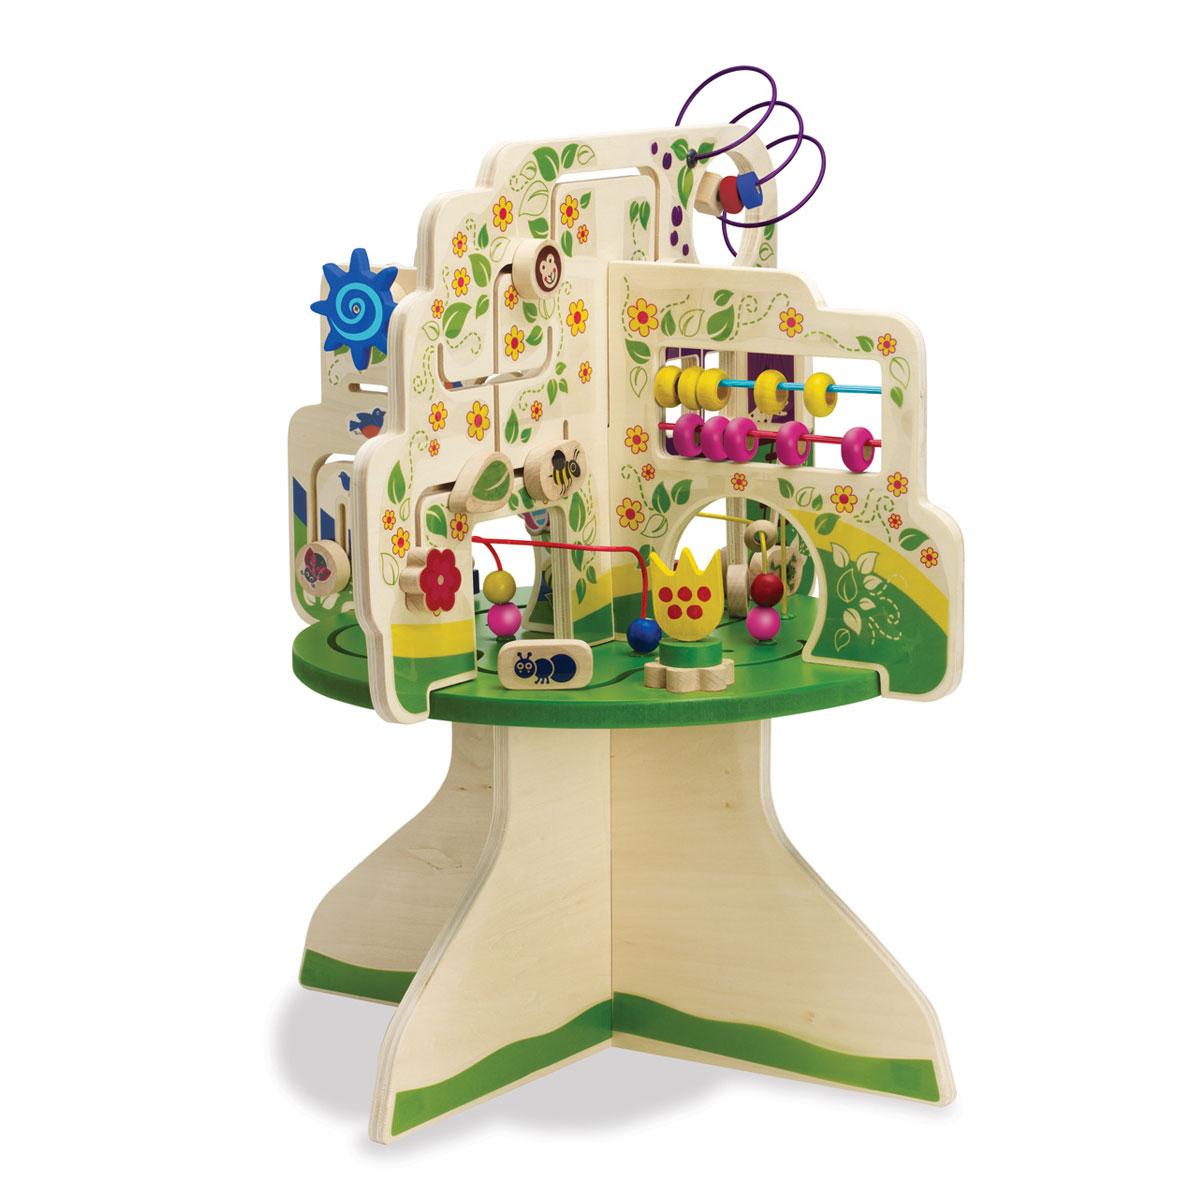 Jouet Eveil 2 Ans - L'univers Du Bébé avec Jeux Pour Bébé 2 Ans